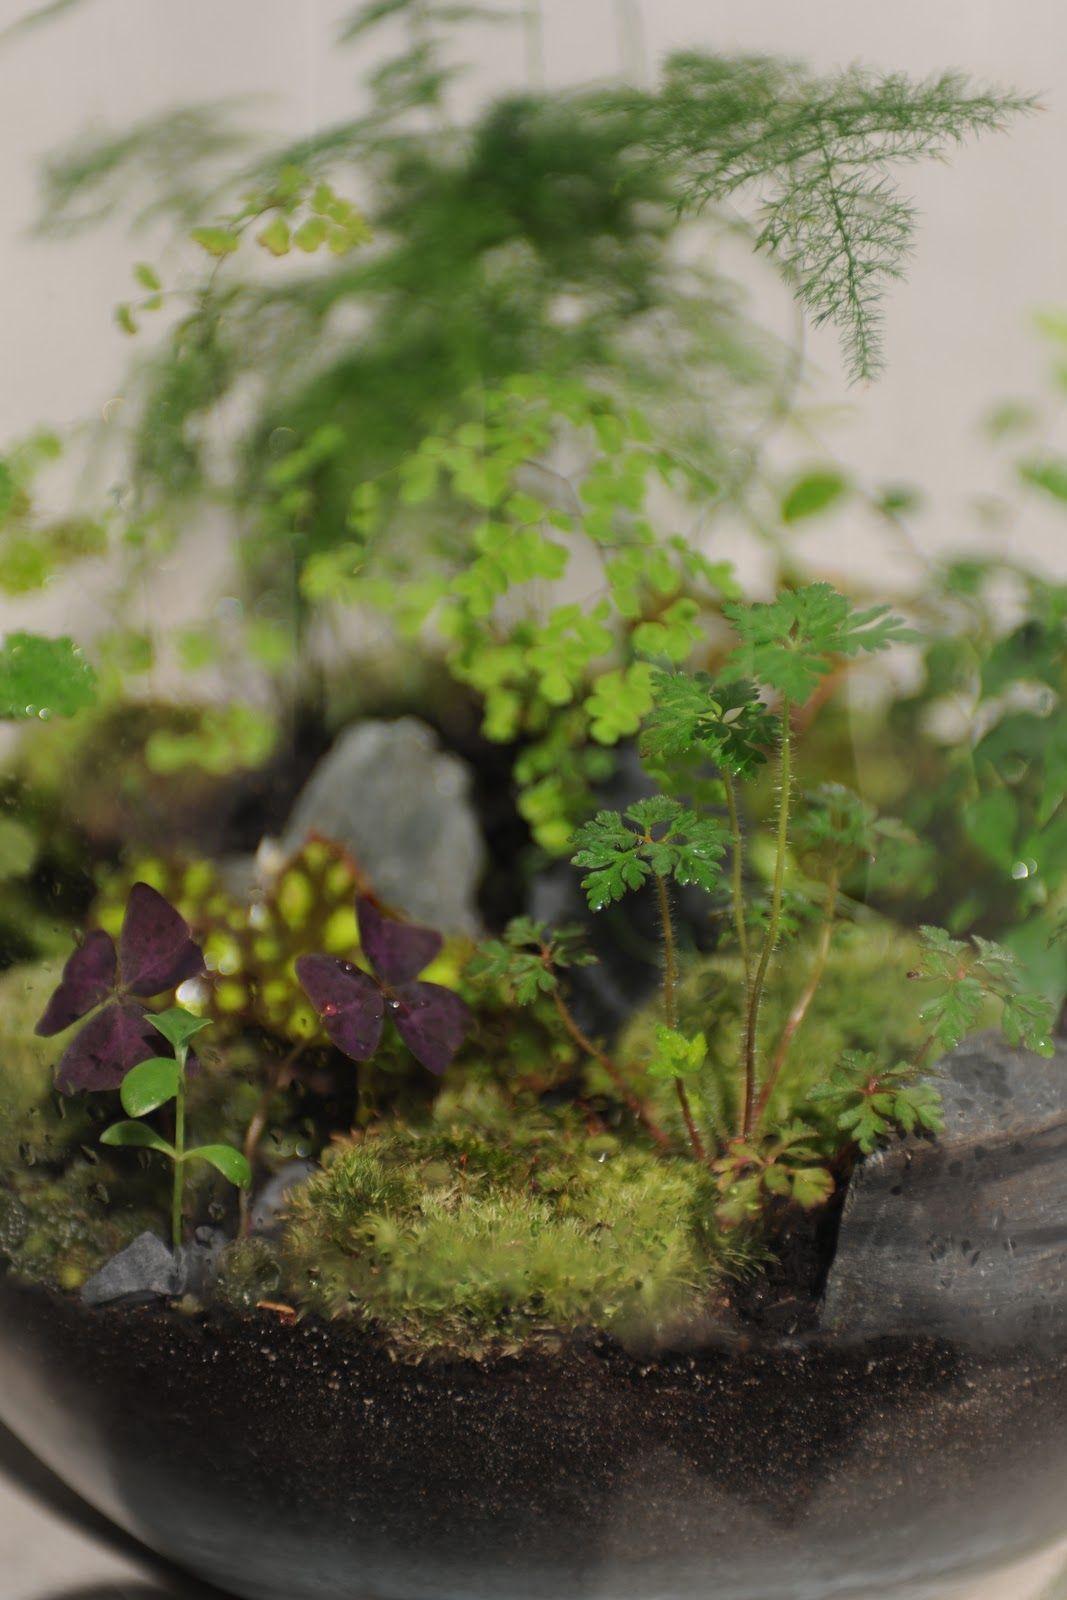 Grow Little Avec Images Jardin Interieur Decoration Plante